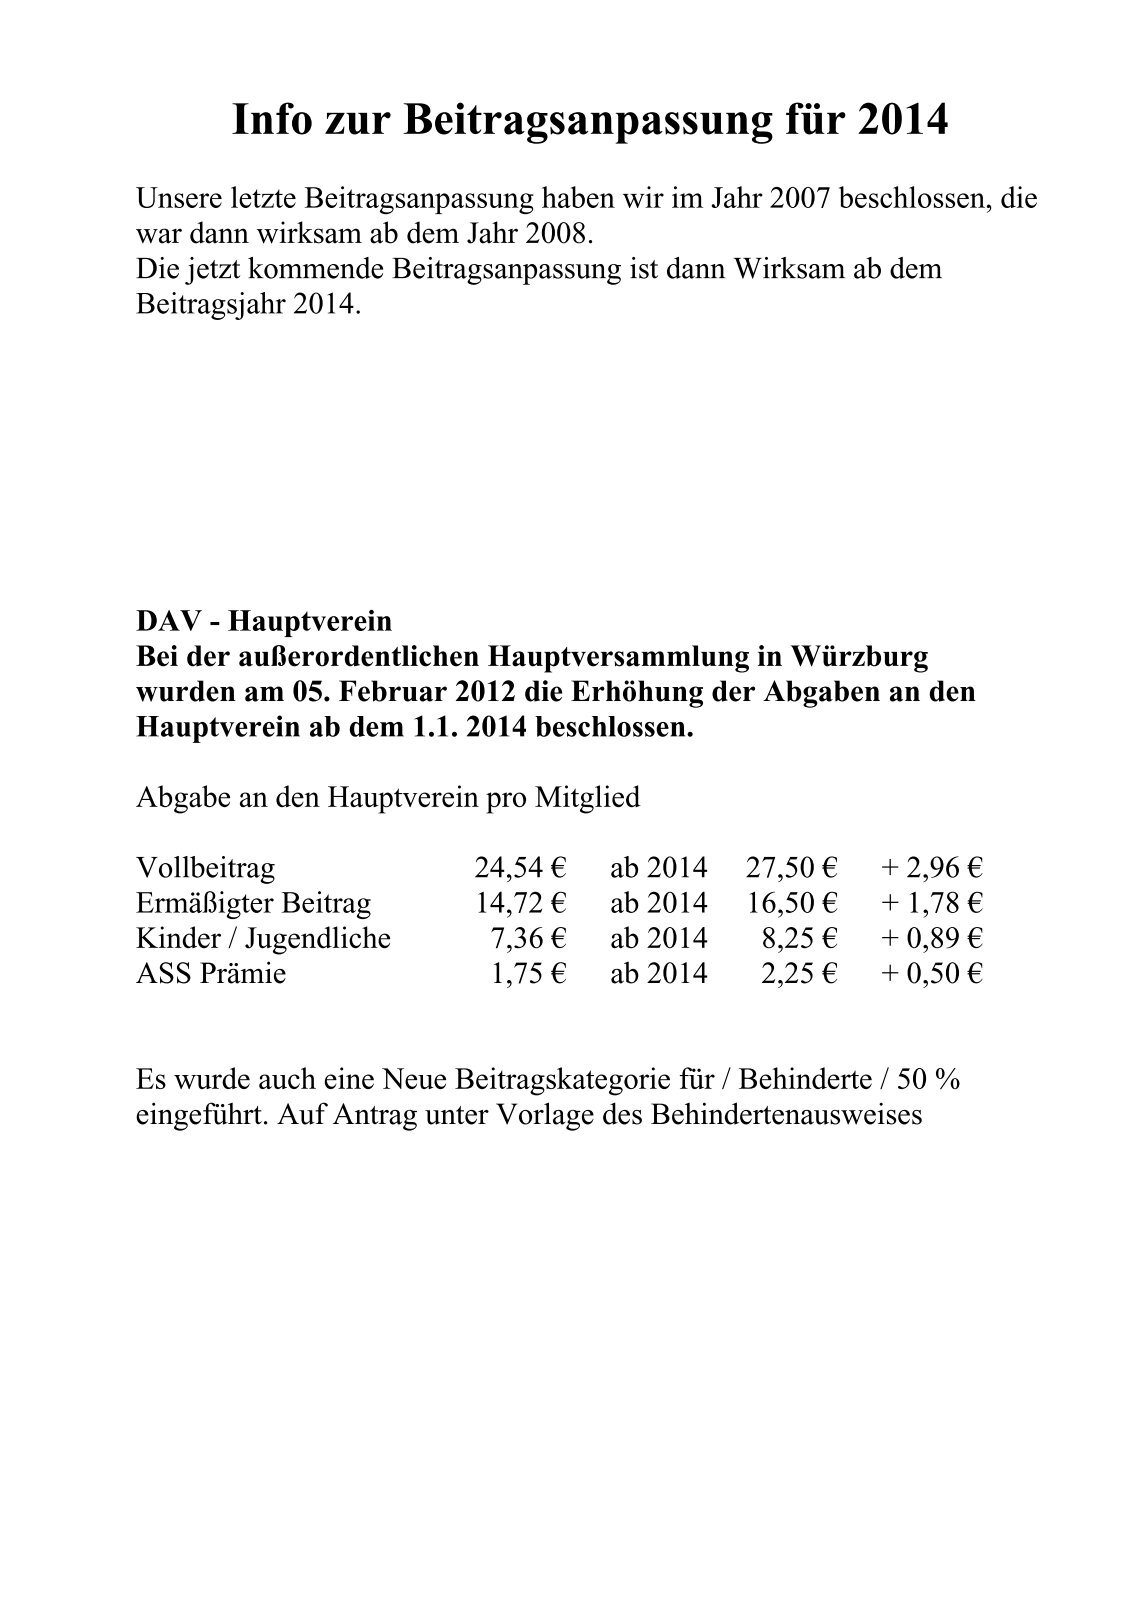 Beste Schergenschablone Ideen - Entry Level Resume Vorlagen Sammlung ...